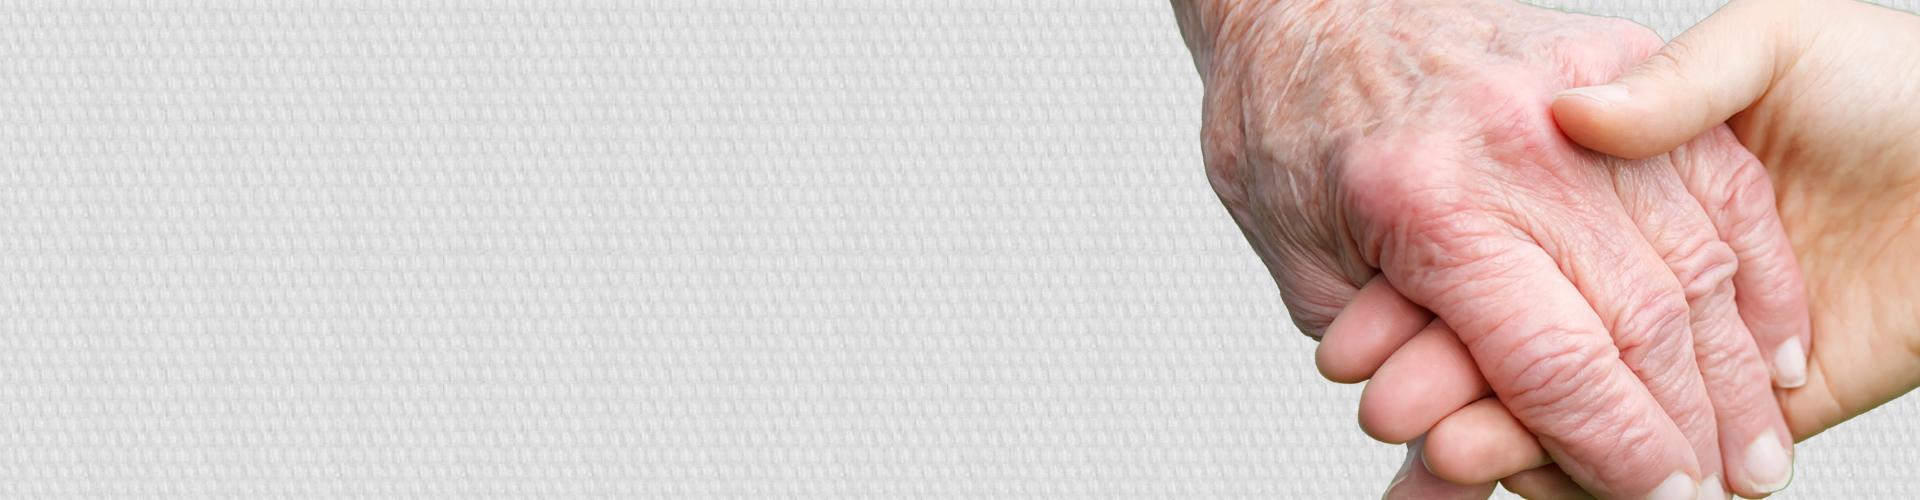 fw-hands.jpg